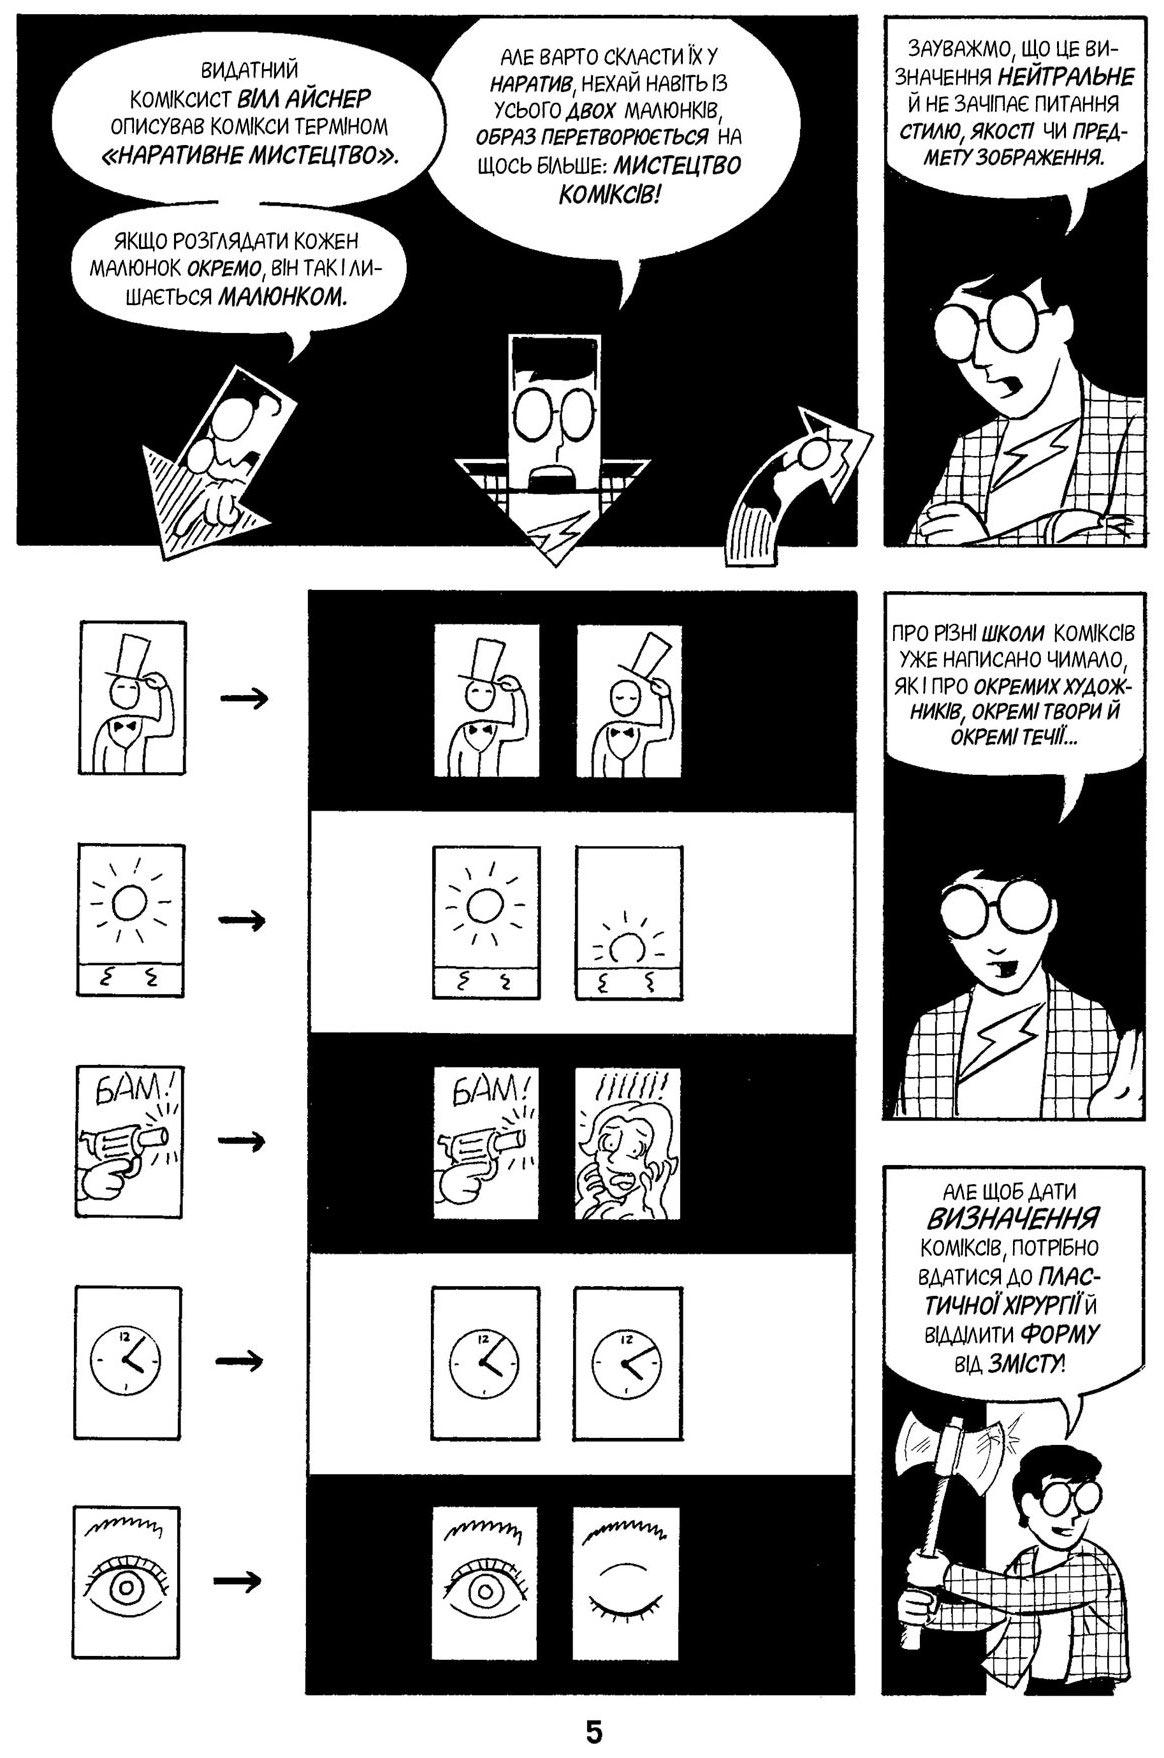 04.4 mc cloud  - <b>GON, «Орда», Скотт Пілігрим і як зрозуміти комікси</b> — огляд коміксів від Бориса Філоненка - Заборона